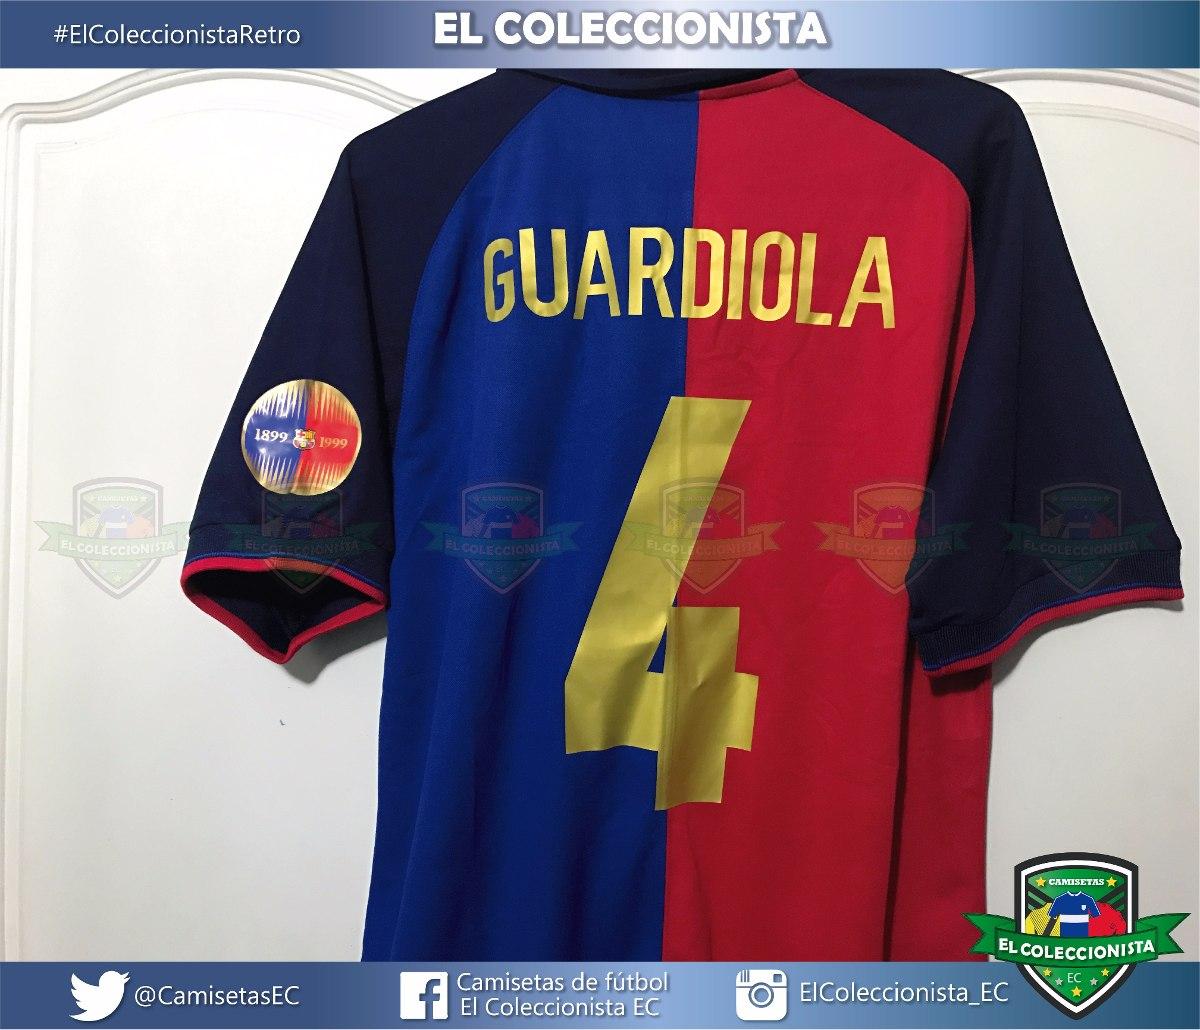 d39432714530d camiseta retro fc barcelona centenario guardiola bajo pedido. Cargando zoom.